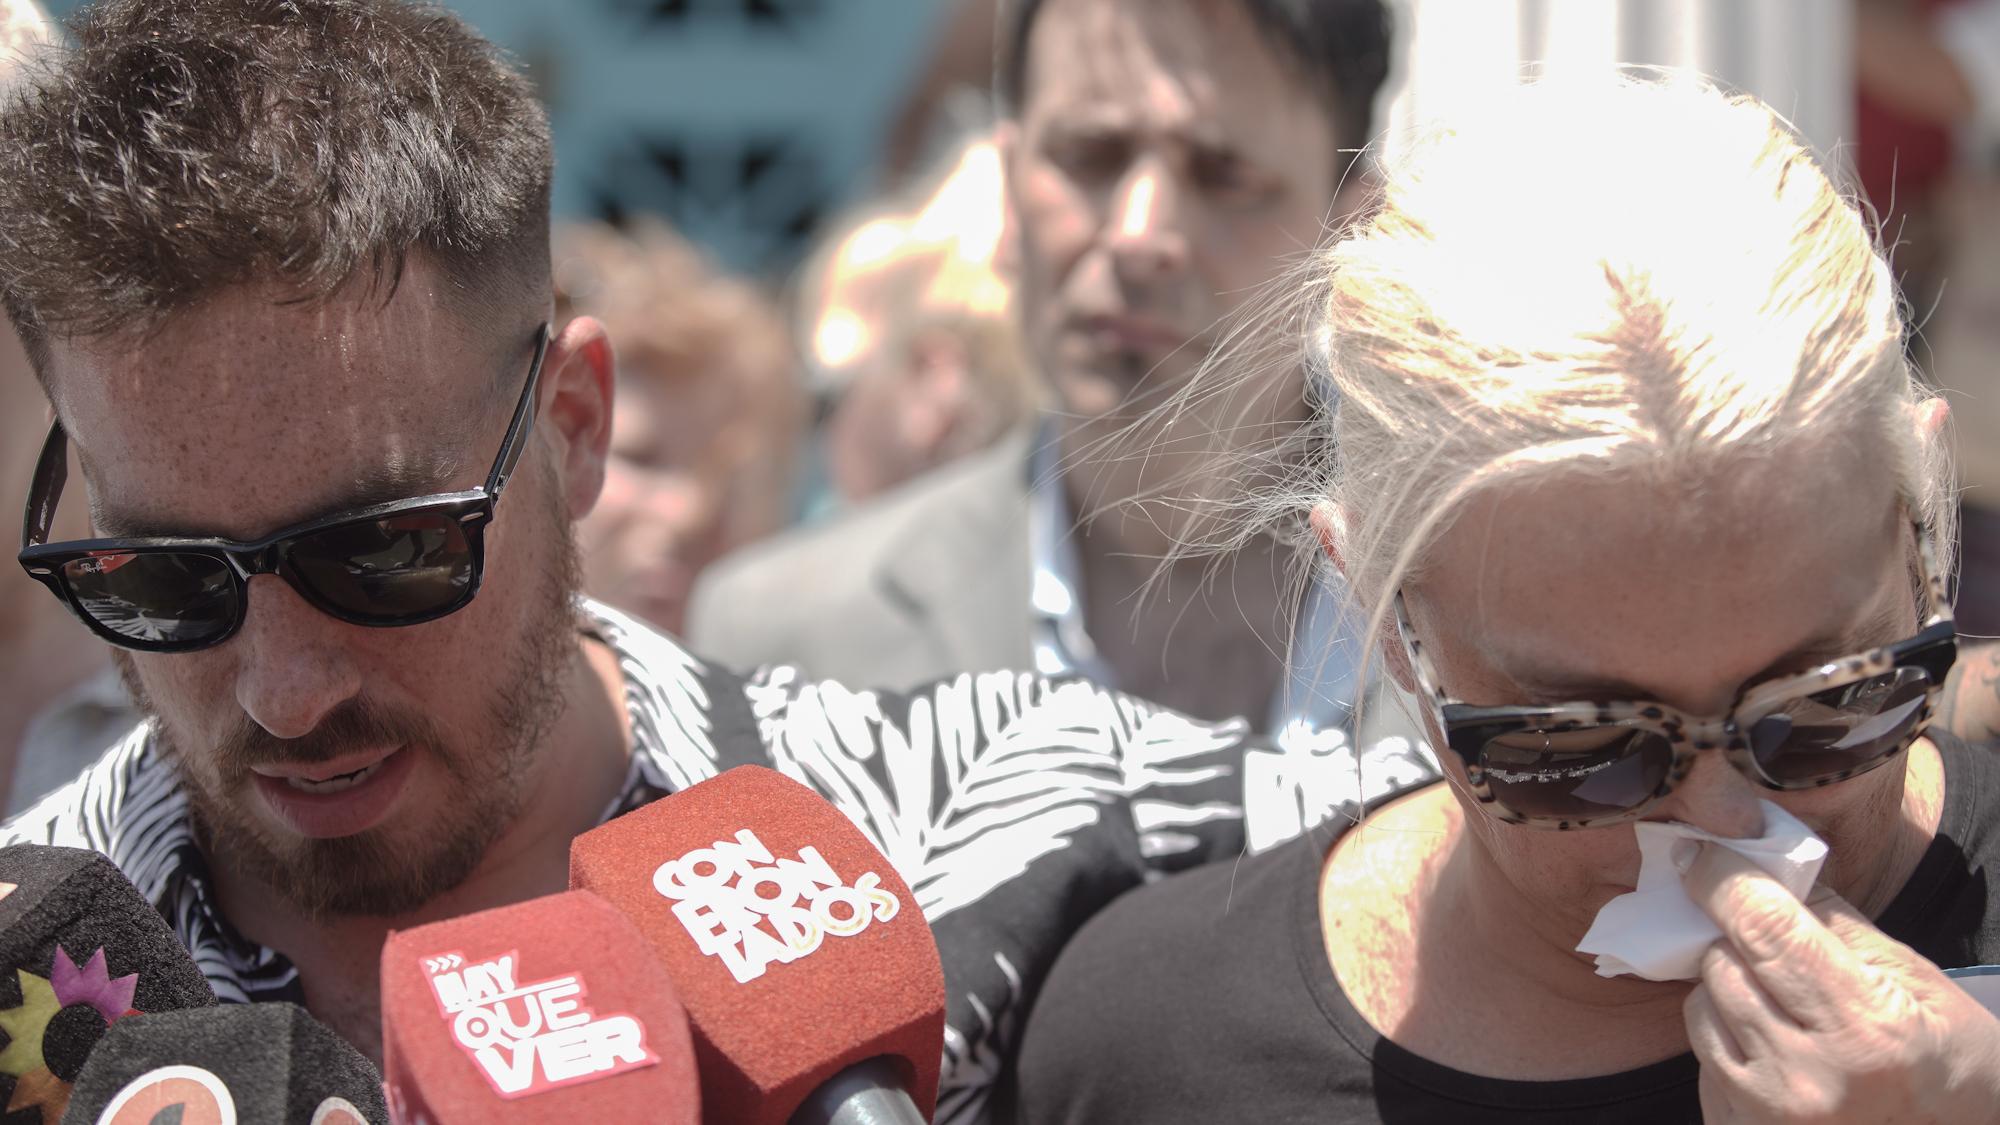 Federico habló con la prensa, a pesar del sufrimiento por la pérdida de su padre